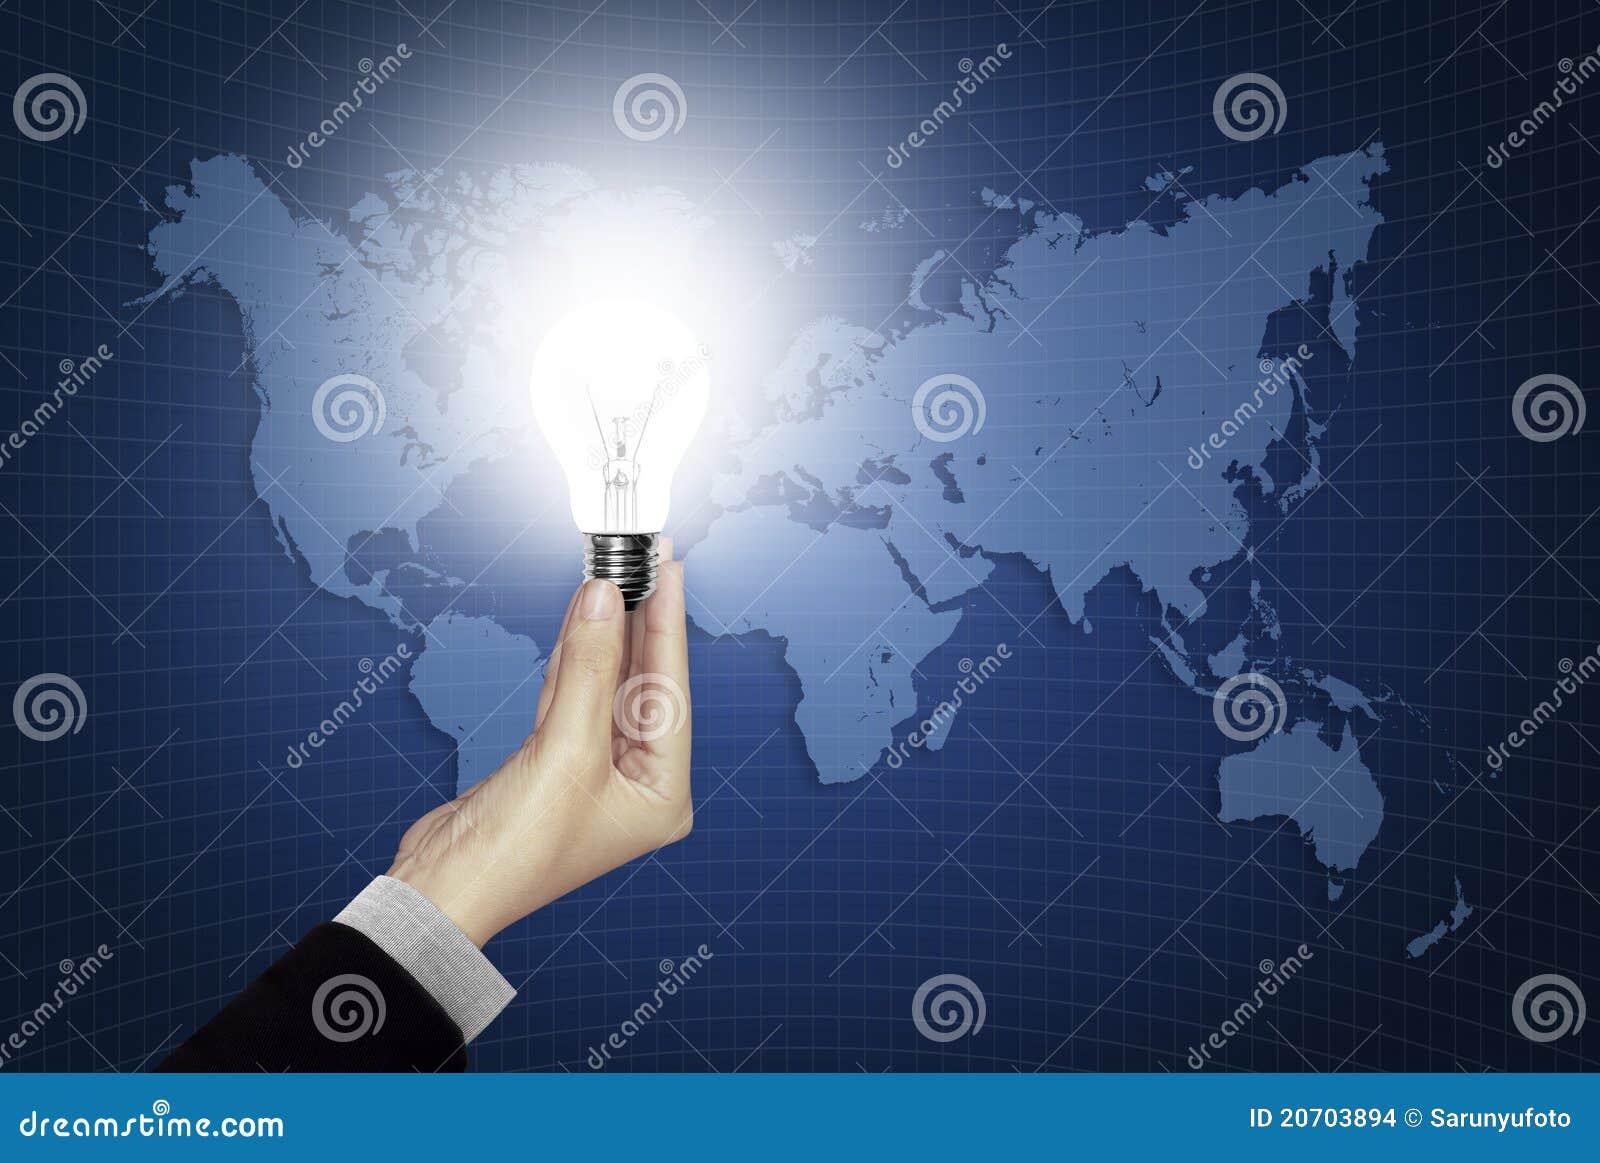 Bol ter beschikking licht op wereldkaart